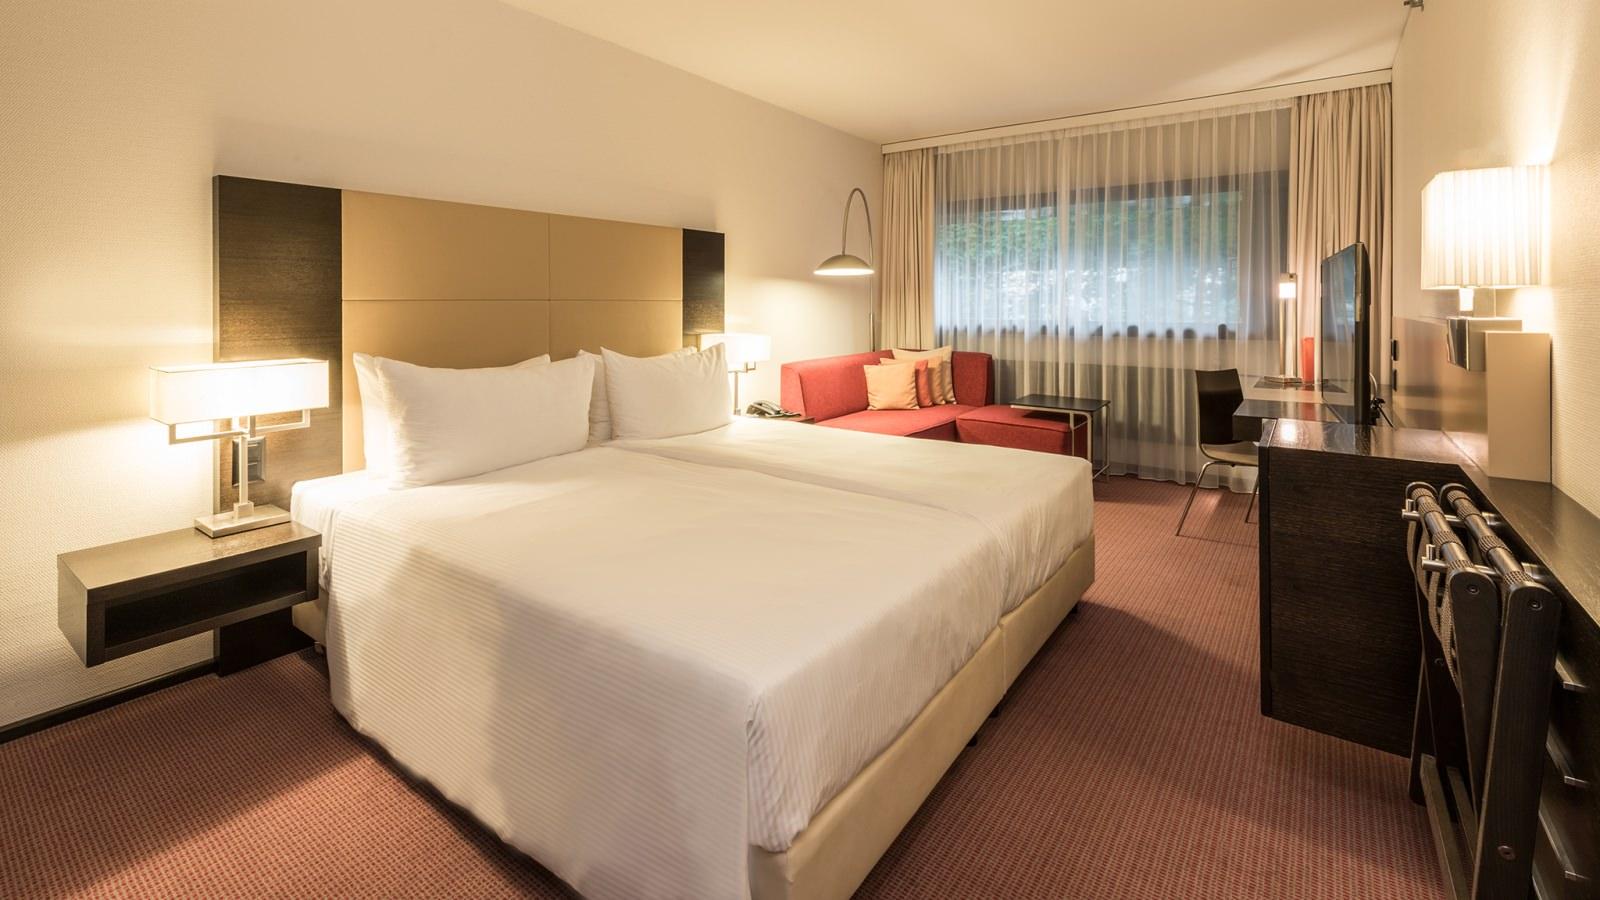 Спальня с рабочим кабинетом в стиле модерн